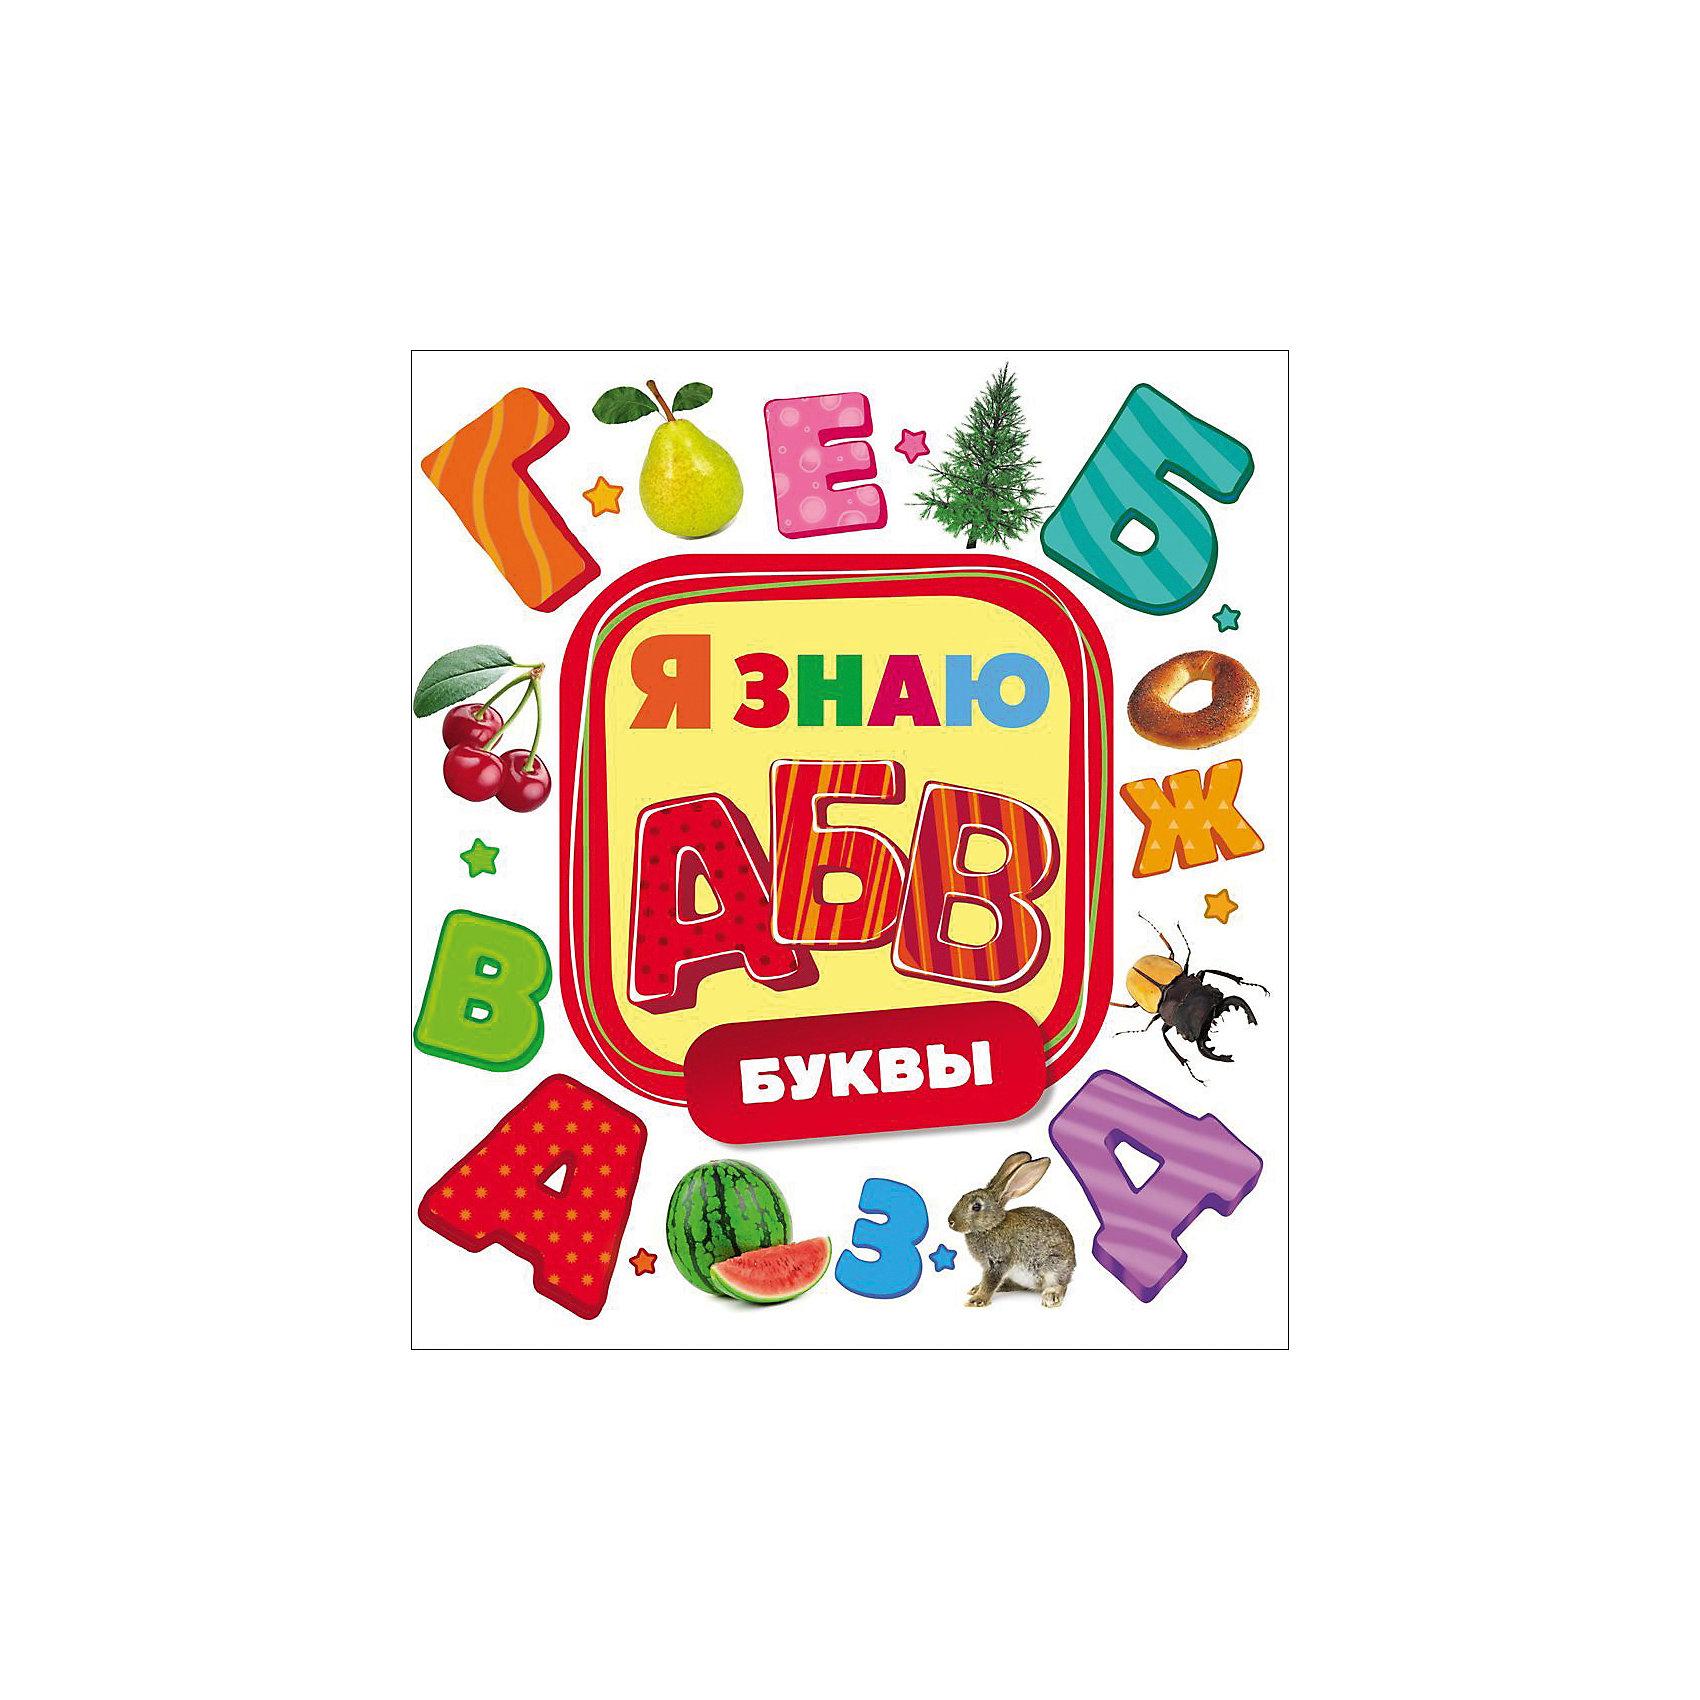 Буквы (Я знаю)Характеристики товара:<br><br>- цвет: разноцветный;<br>- материал: бумага;<br>- страниц: 10;<br>- формат: 22 х 25 см;<br>- обложка: картон;<br>- развивающая. <br><br>Издания серии Я знаю - отличный способ занять ребенка! Эта красочная книга станет отличным подарком для родителей и малыша. Она содержит в себе интересные задания и яркие картинки, которые так любят дети. Отличный способ привить малышу любовь к занятиям и начать обучение! Методика такого обучения в игровой форме разработана опытными специалистами и опробована множеством родителей!<br>Чтение и рассматривание картинок даже в юном возрасте помогает ребенку развивать память, концентрацию внимания и воображение. Издание произведено из качественных материалов, которые безопасны даже для самых маленьких.<br><br>Издание Буквы (Я знаю) от компании Росмэн можно купить в нашем интернет-магазине.<br><br>Ширина мм: 250<br>Глубина мм: 225<br>Высота мм: 7<br>Вес г: 289<br>Возраст от месяцев: 0<br>Возраст до месяцев: 36<br>Пол: Унисекс<br>Возраст: Детский<br>SKU: 5110090